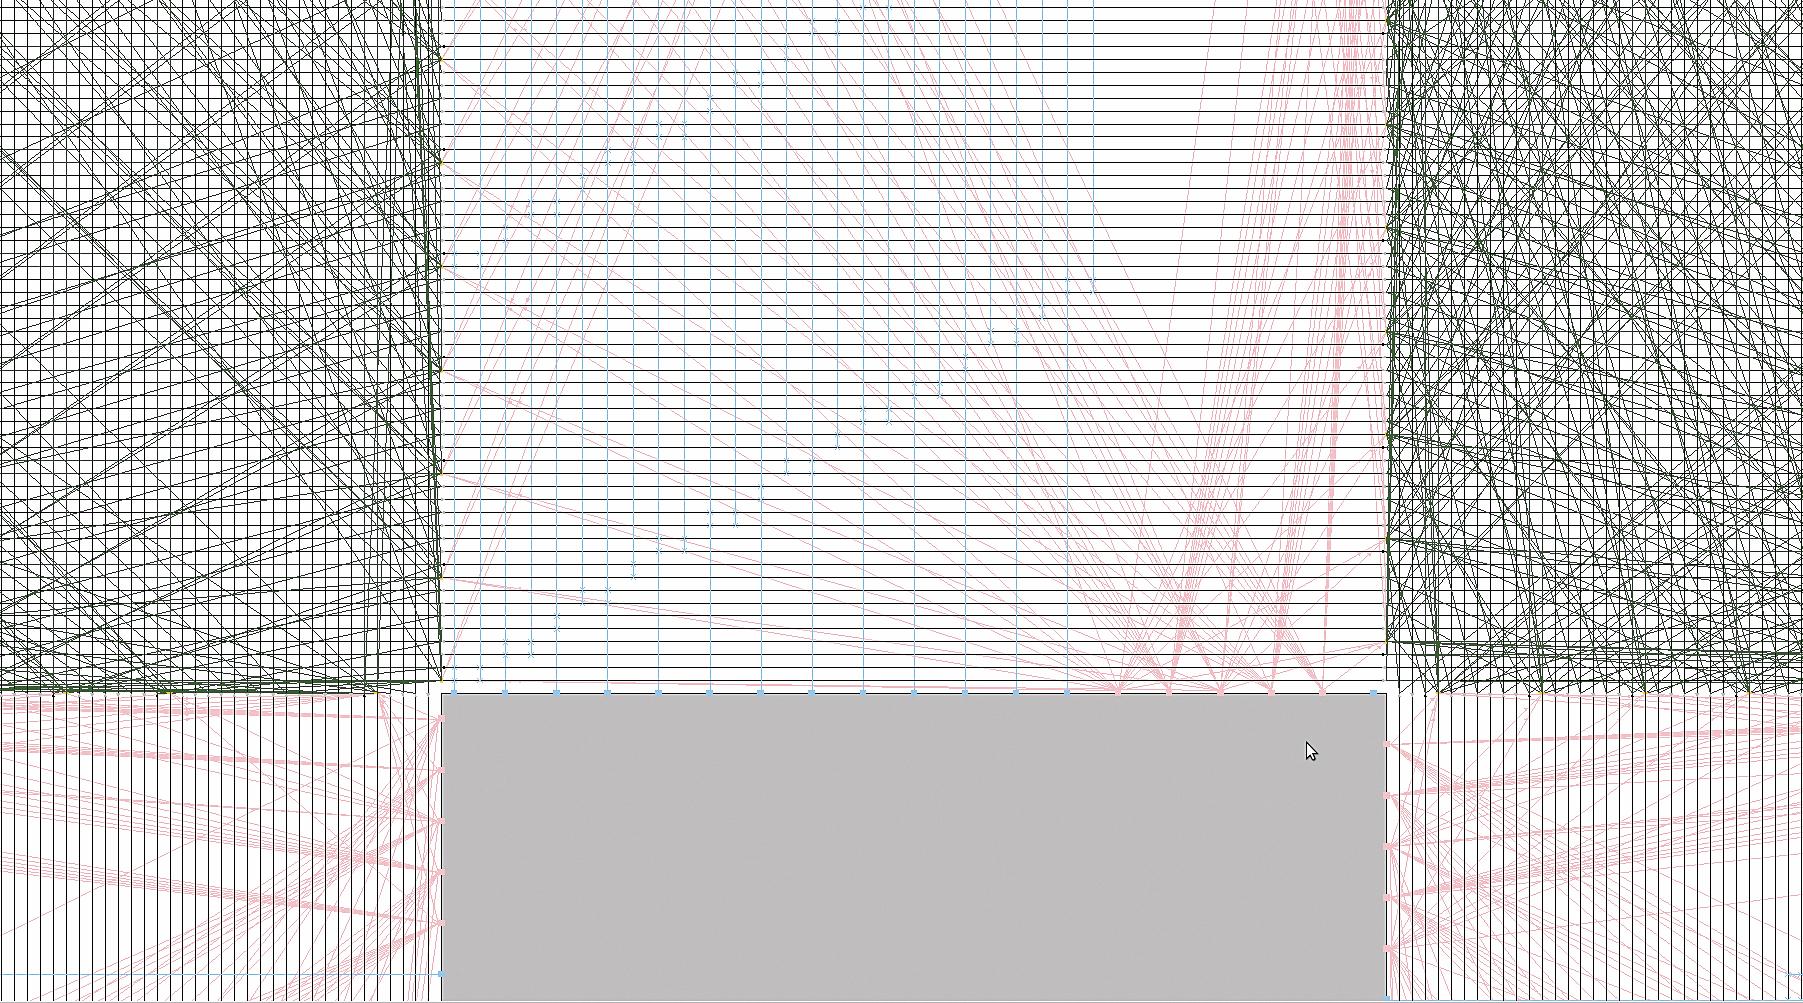 Маршрутизаторы Wilton в трассировочном канале (фрагменты). Синим цветом указаны соединиельные блоки, красным — выходы КЛБ, которые заводятся непосредственно в маршрутизаторы (выделены зеленым цветом)